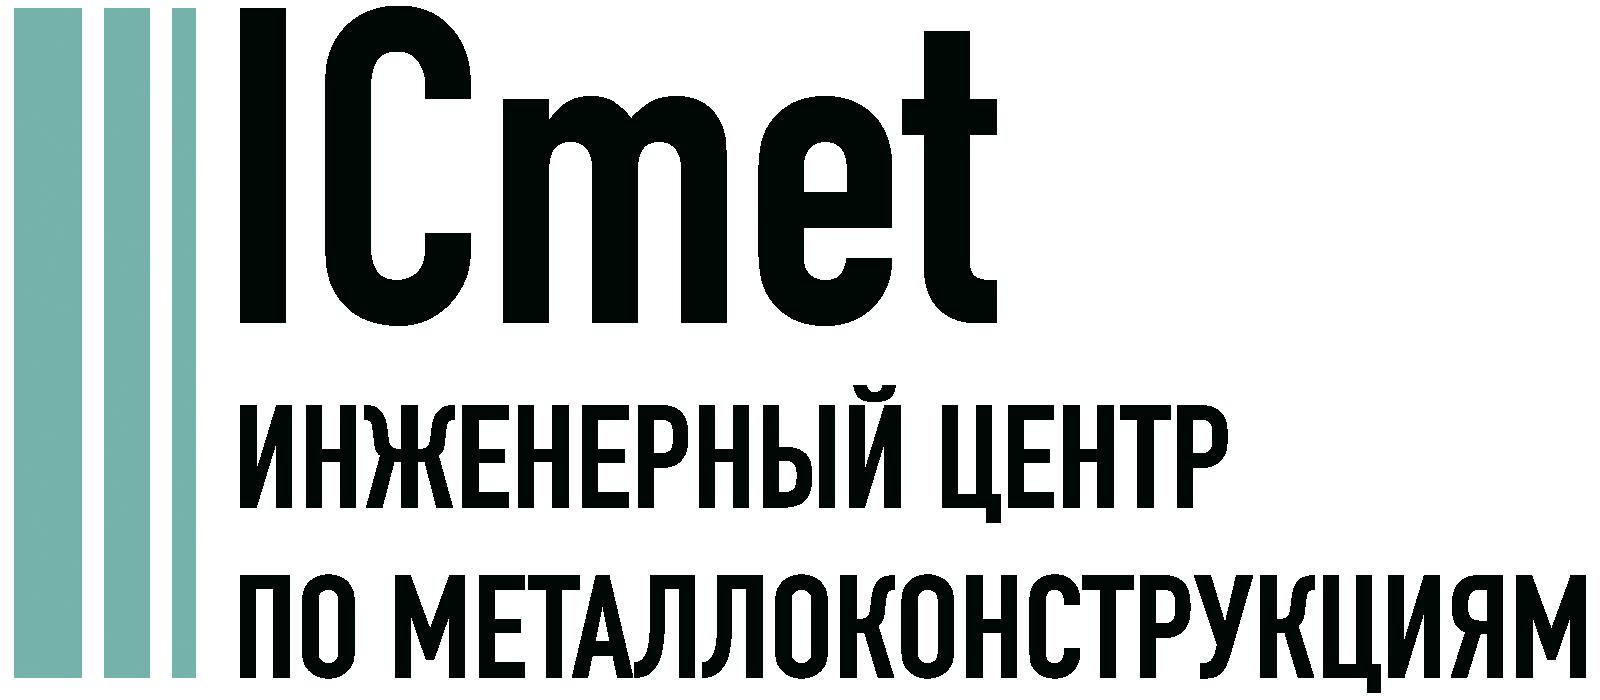 Проектирование металлоконструкций в Тольятти